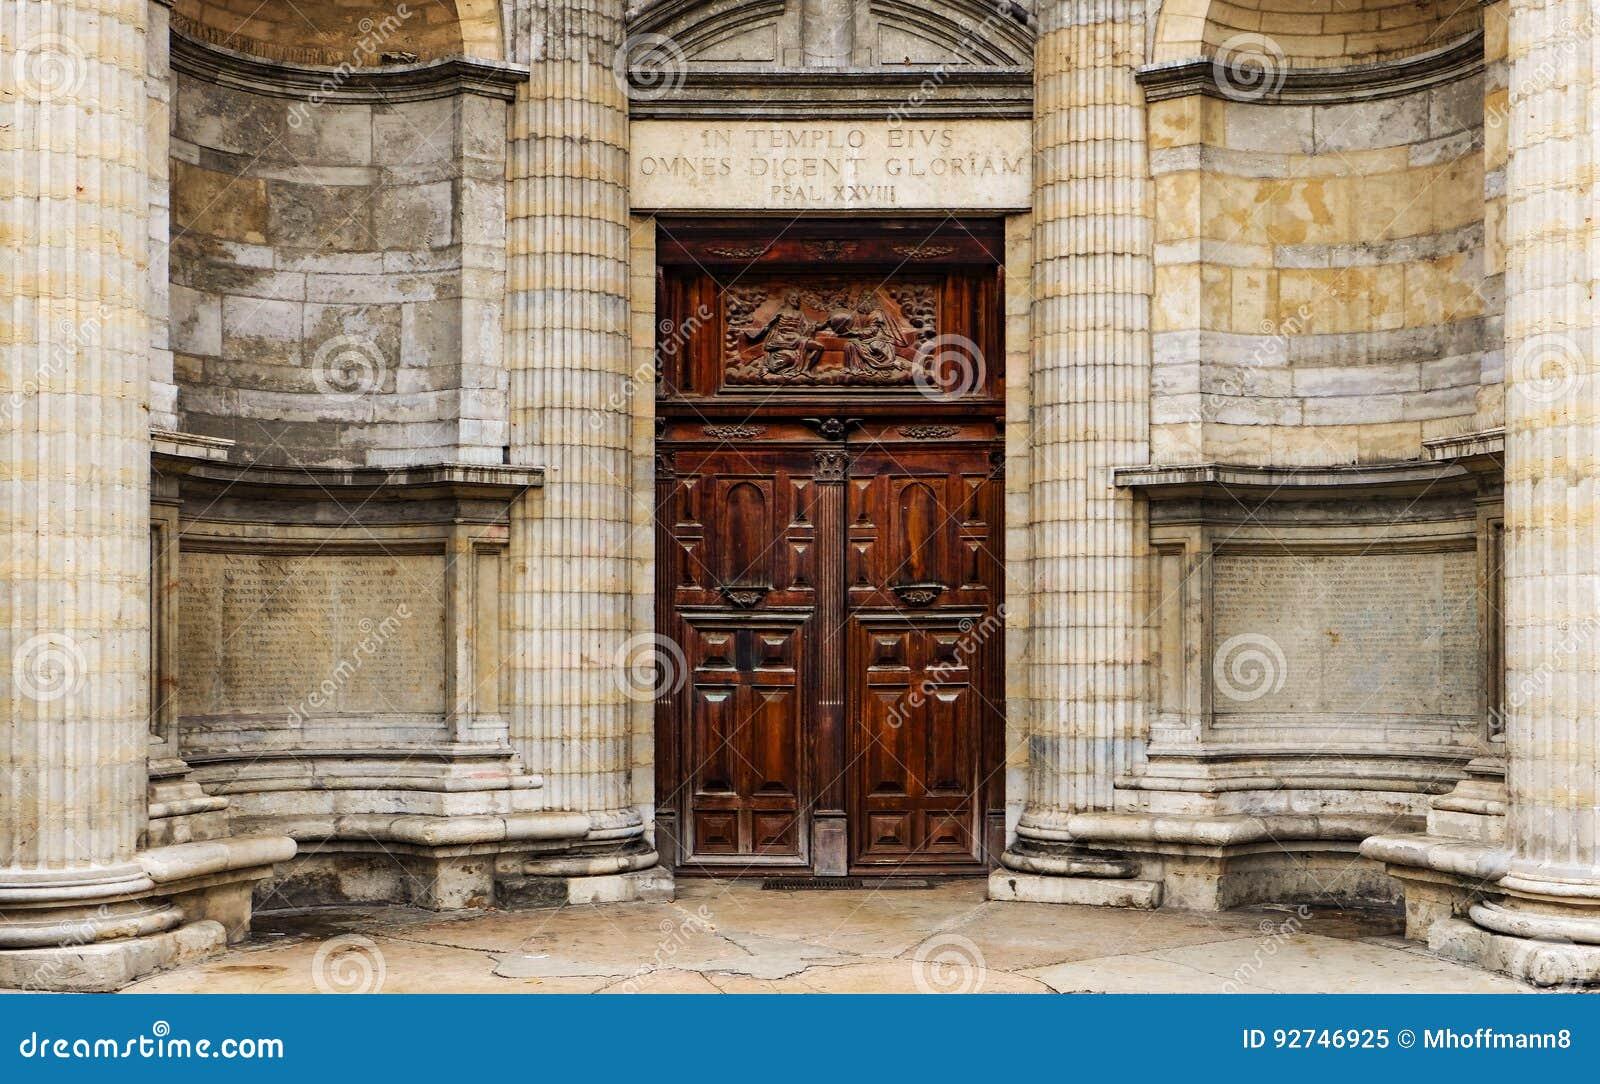 Zware houten dubbele deur buiten een oude kerk met godsdienstige hulp en inschrijvingen